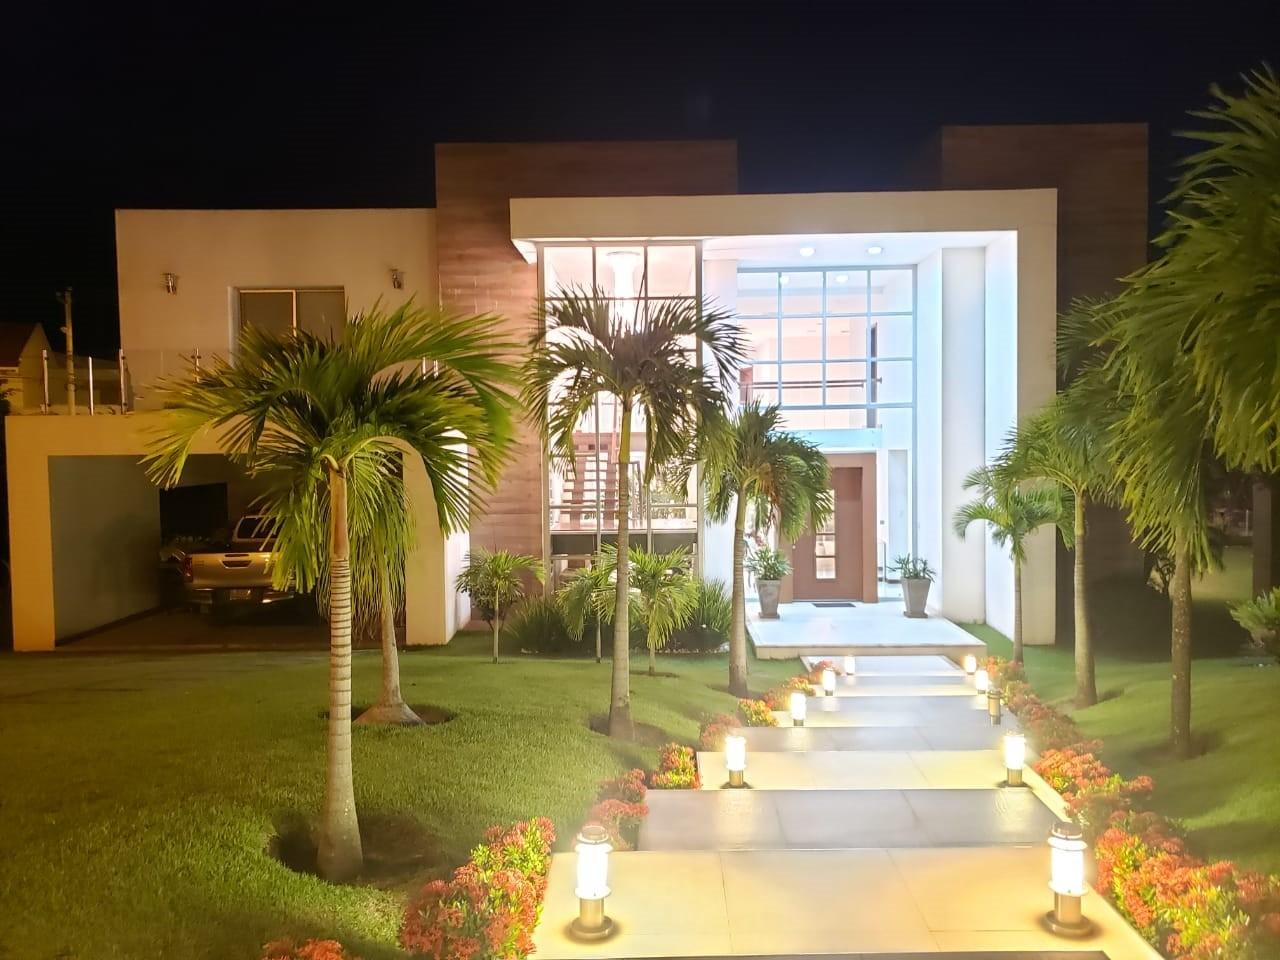 Casa en Venta HERMOSA CASA EN VENTA EN COLINAS DEL URUBO S2 Foto 1